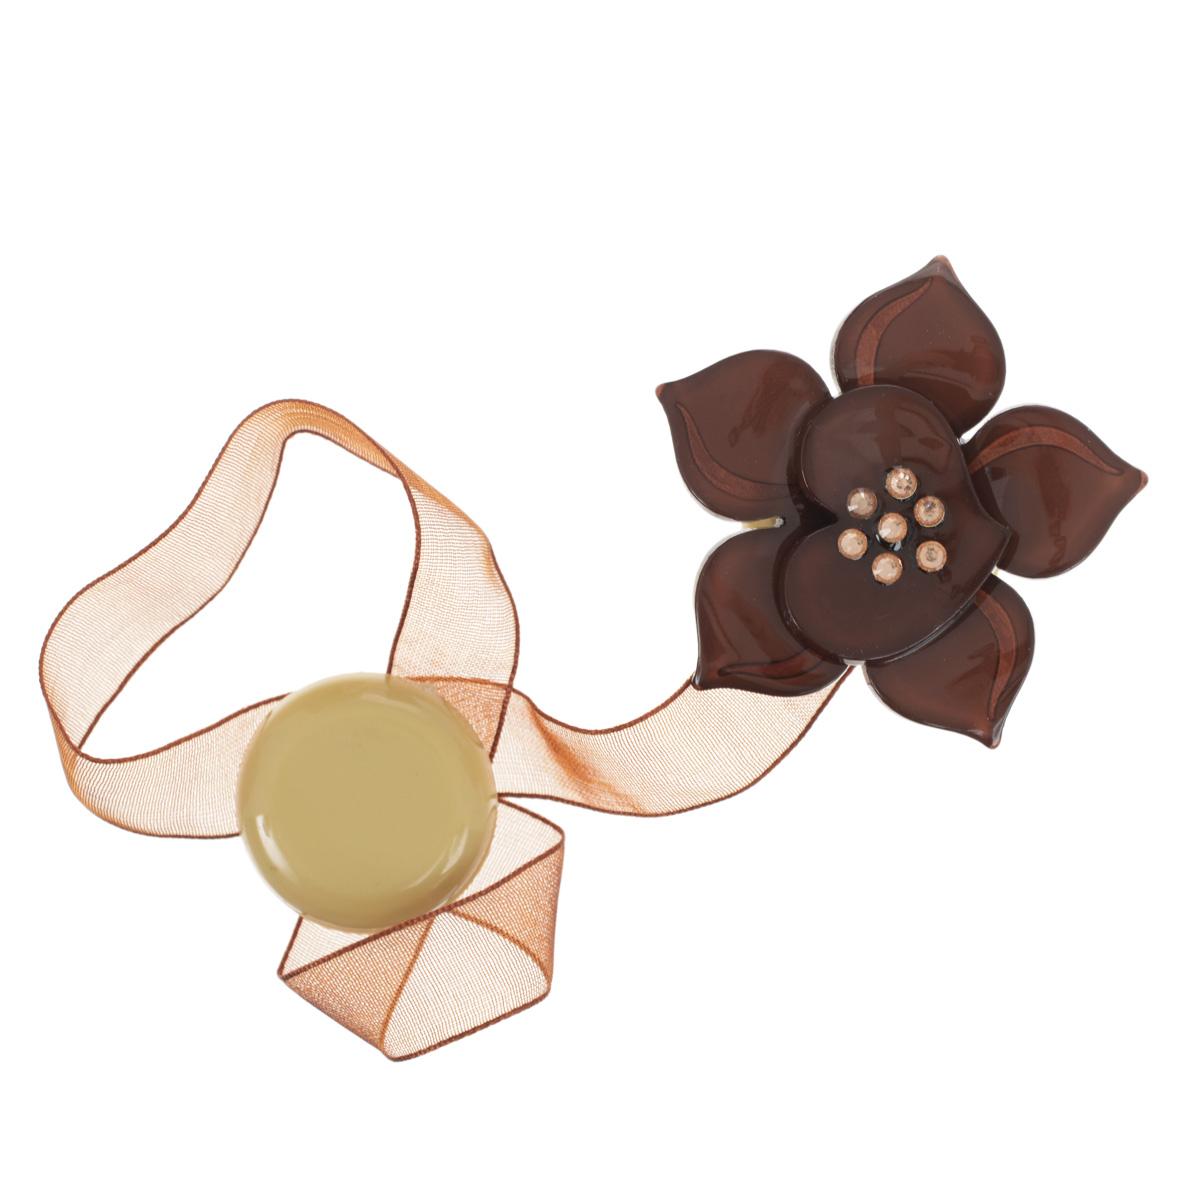 Клипса-магнит для штор Calamita Fiore, цвет: оливковый (А700). 7704006_7007704006_700Клипса-магнит Calamita Fiore, изготовленная из пластика и текстиля, предназначена для придания формы шторам. Изделие представляет собой два магнита, расположенные на разных концах текстильной ленты. Один из магнитов оформлен декоративным цветком, украшенным стразами. С помощью такой магнитной клипсы можно зафиксировать портьеры, придать им требуемое положение, сделать складки симметричными или приблизить портьеры, скрепить их. Клипсы для штор являются универсальным изделием, которое превосходно подойдет как для штор в детской комнате, так и для штор в гостиной. Следует отметить, что клипсы для штор выполняют не только практическую функцию, но также являются одной из основных деталей декора этого изделия, которая придает шторам восхитительный, стильный внешний вид. Диаметр декоративного цветка: 5 см. Диаметр магнита: 2,5 см. Длина ленты: 27 см.